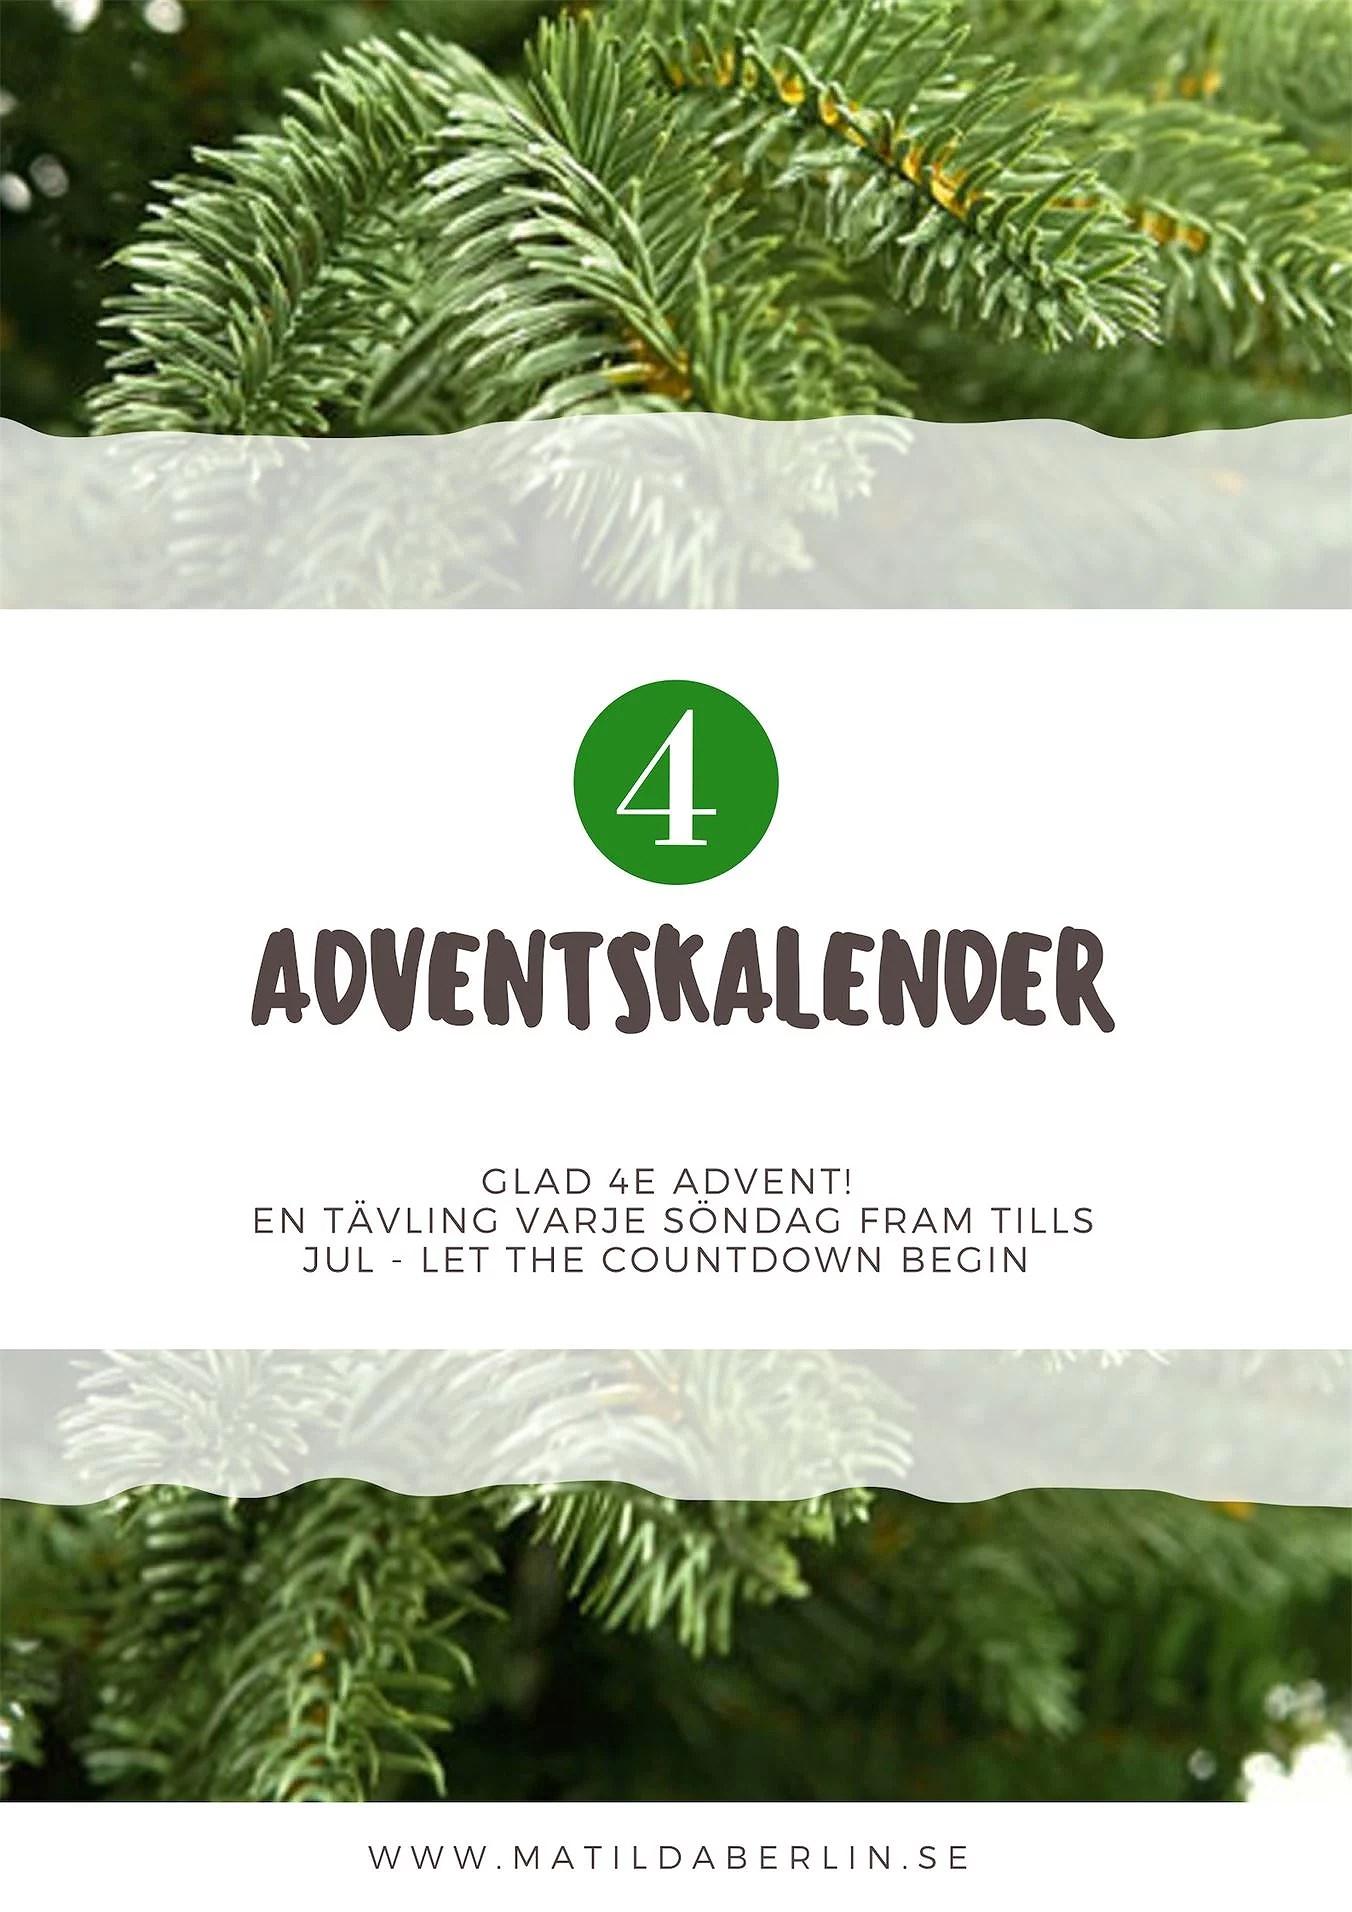 Adventskalender - lucka 4